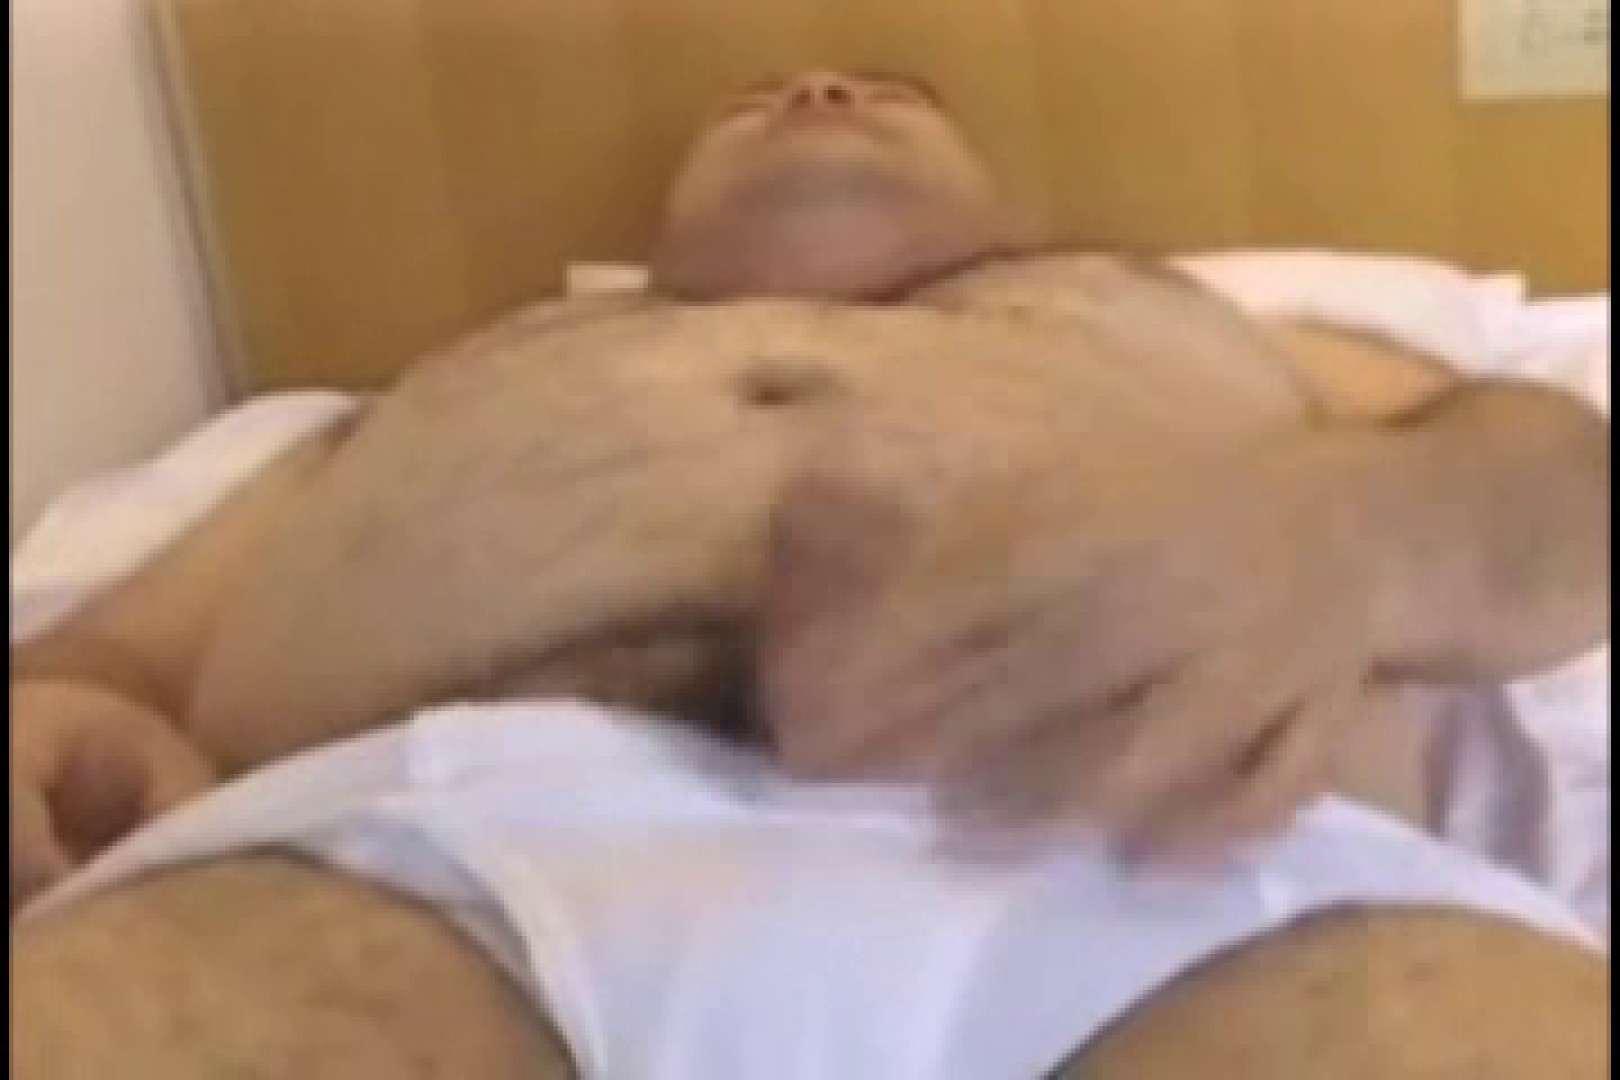 中年旦那の発情記 ゲイのオナニー映像  99枚 78